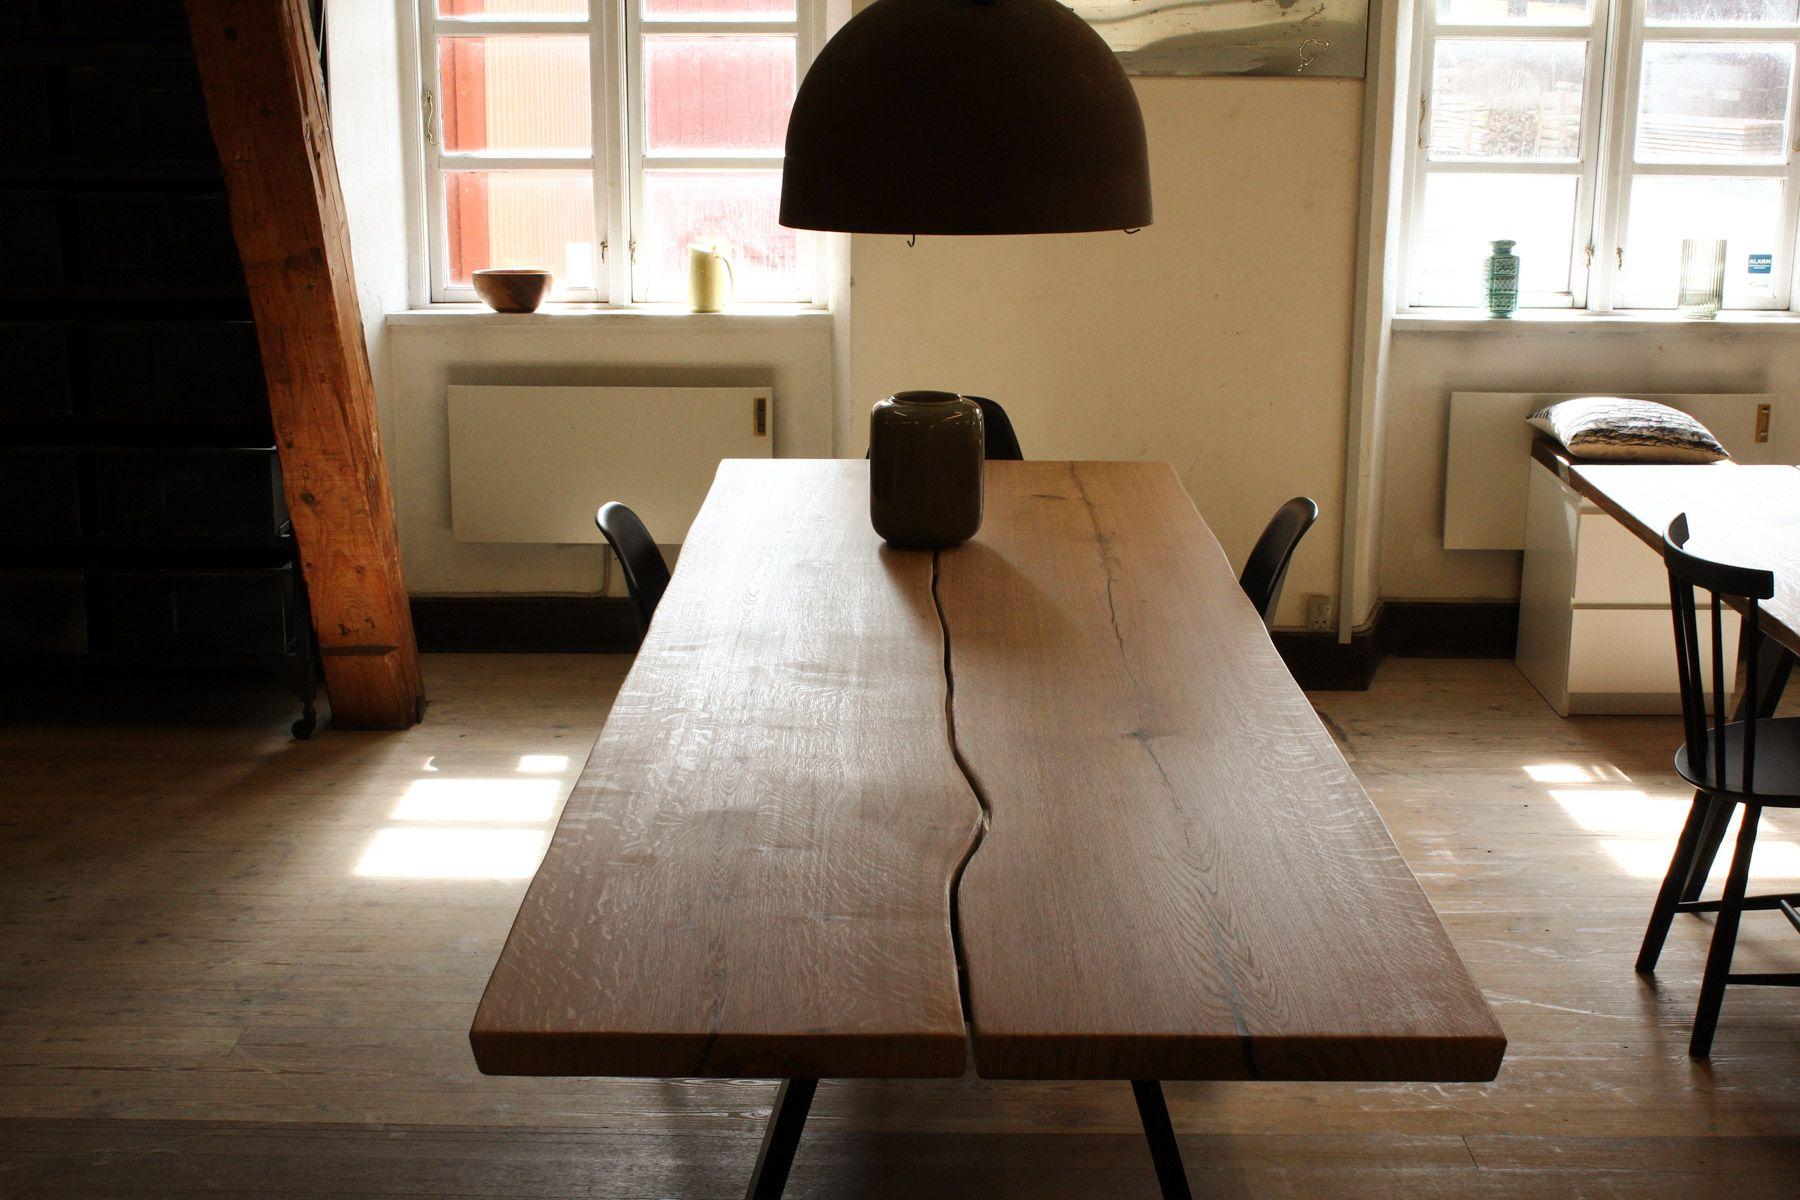 ege plankeborde, plankeborde, langborde, planker, egeplanker, egetræ ...